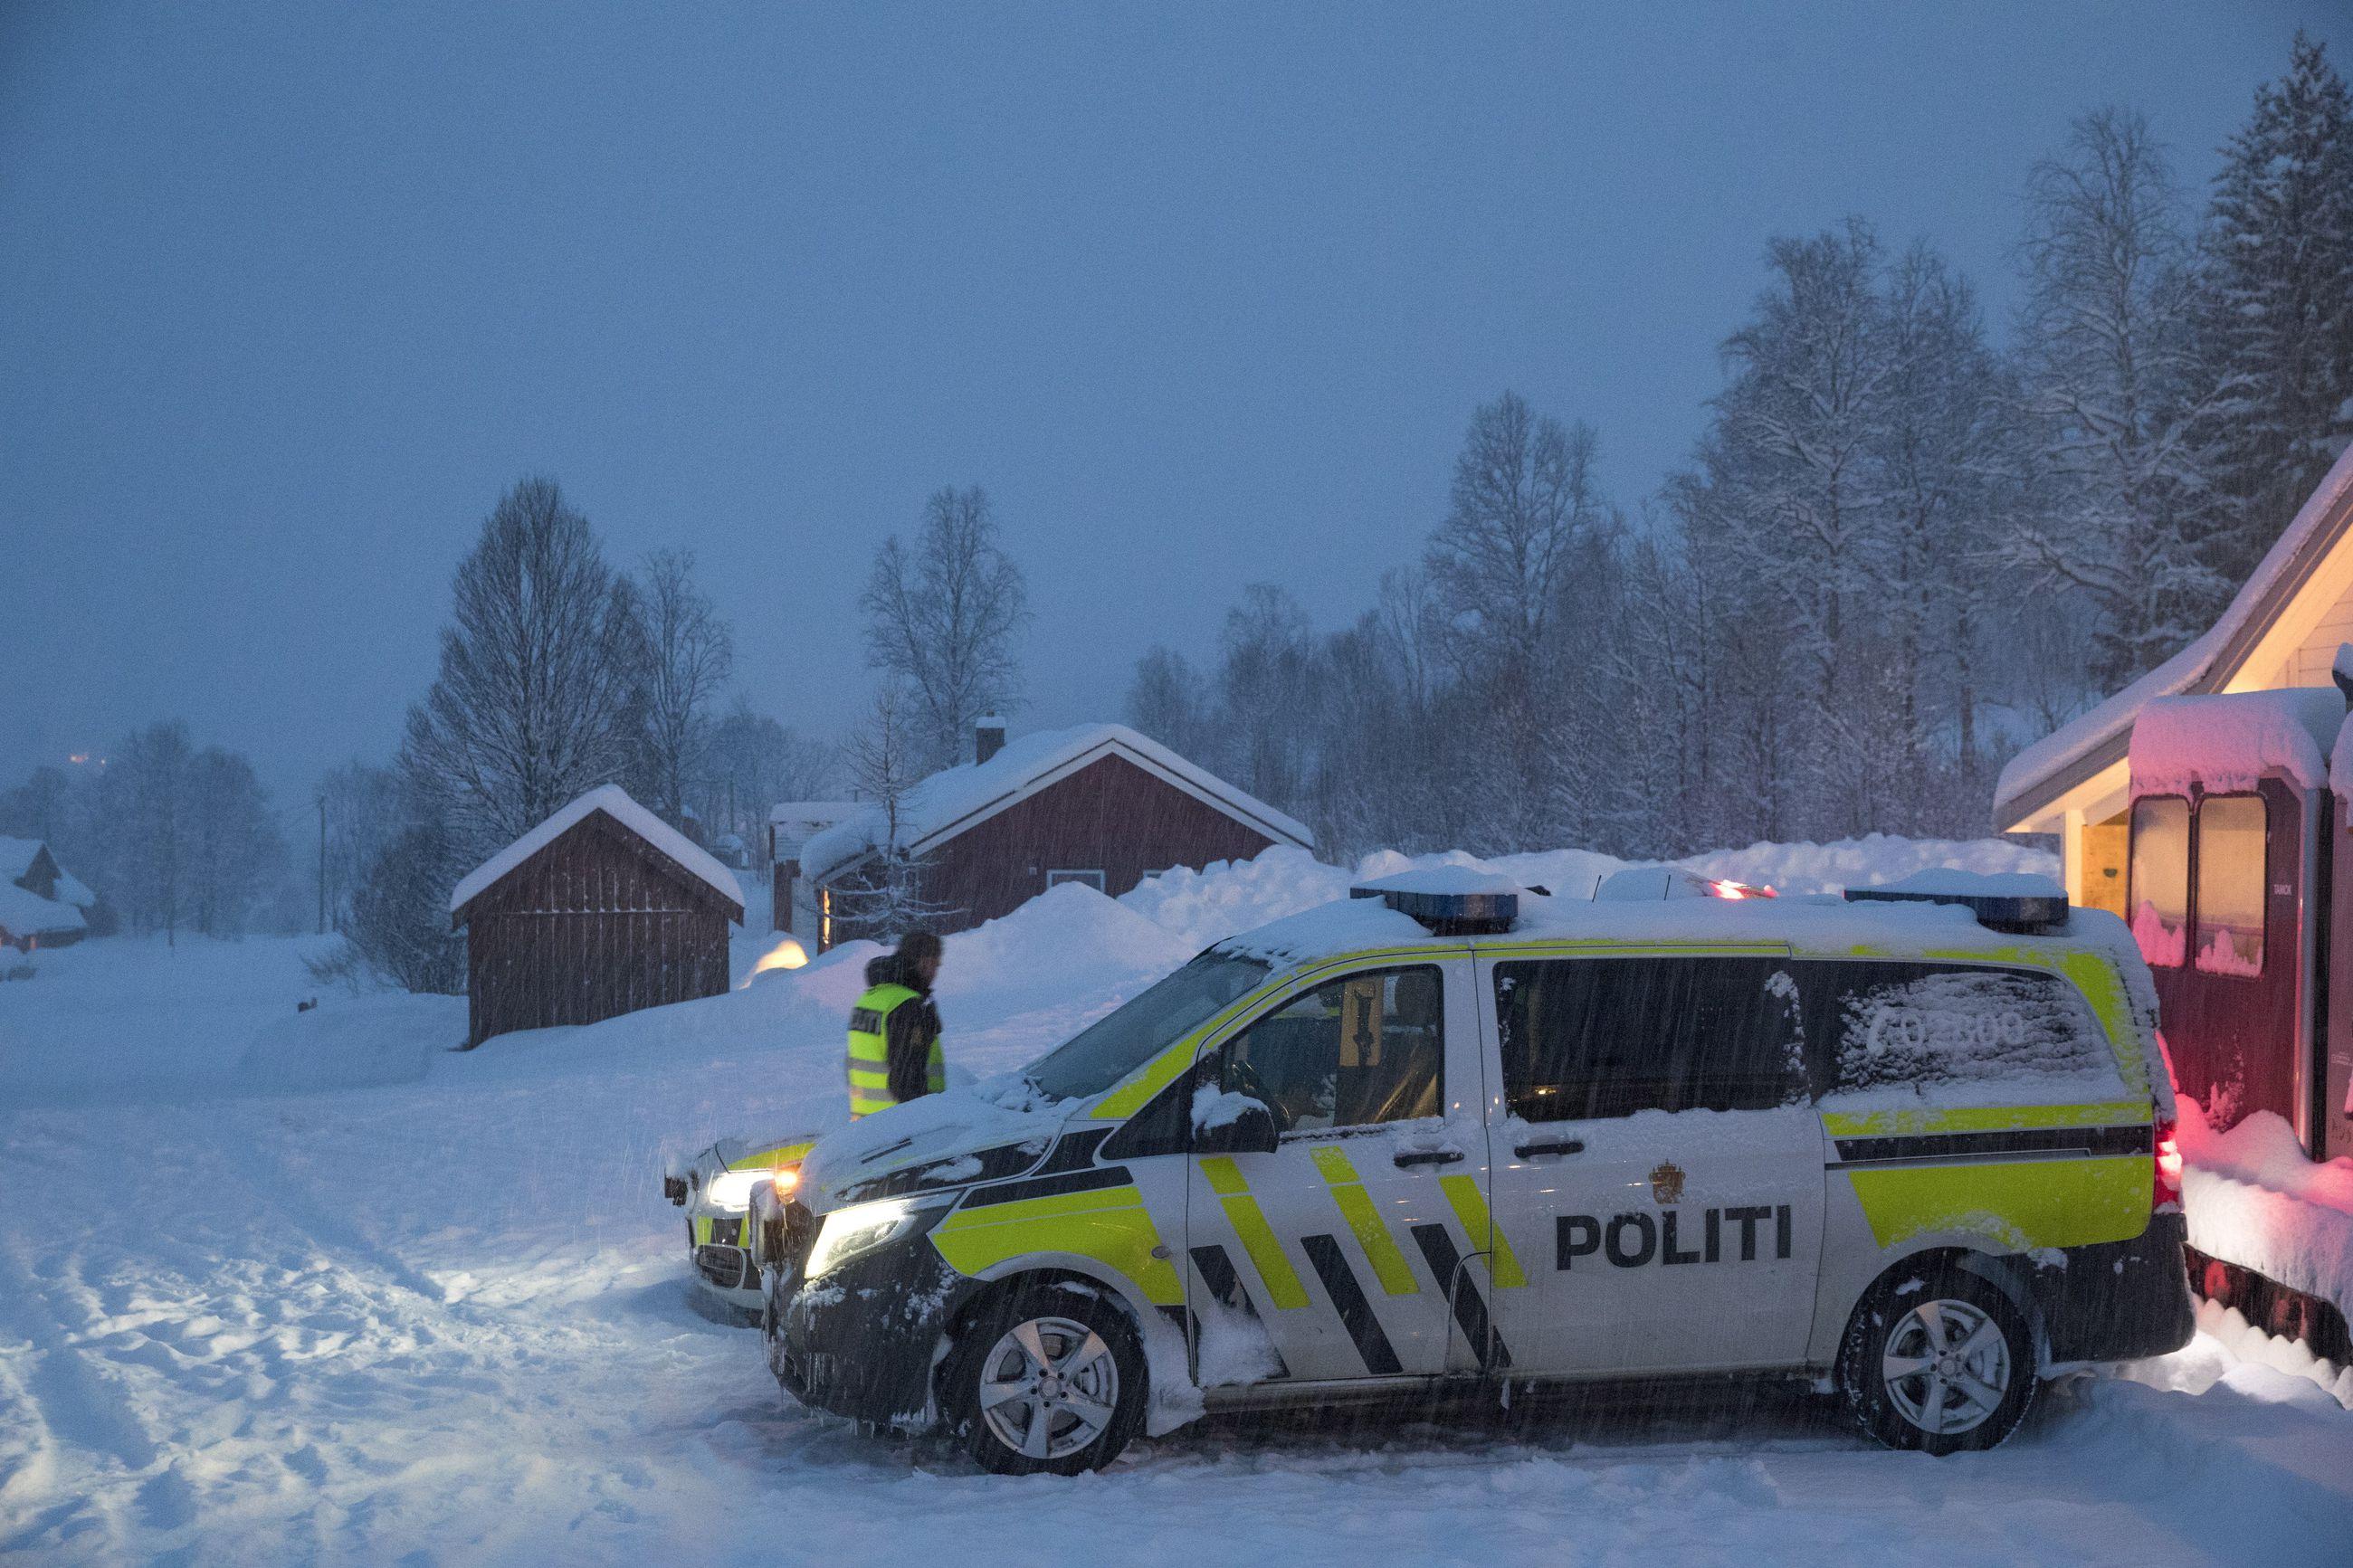 norjalaiset naiset etsii seksiseuraa nordland